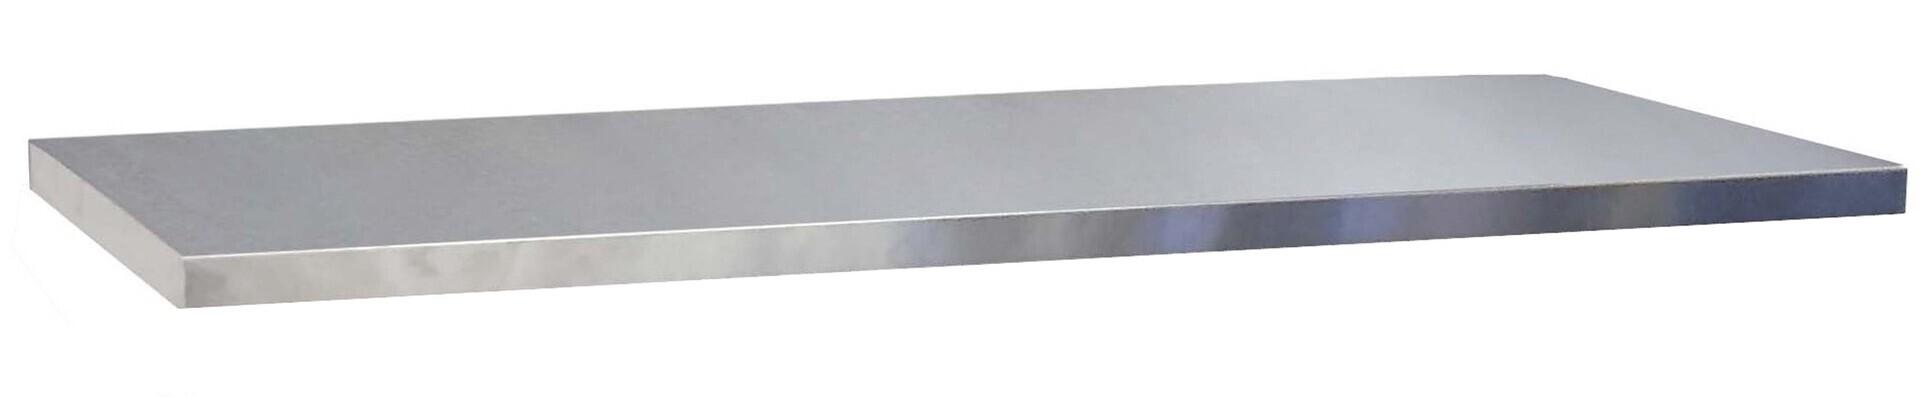 Nerezová pracovní deska Procarosa PROFI TGW-80S na tři skříňky